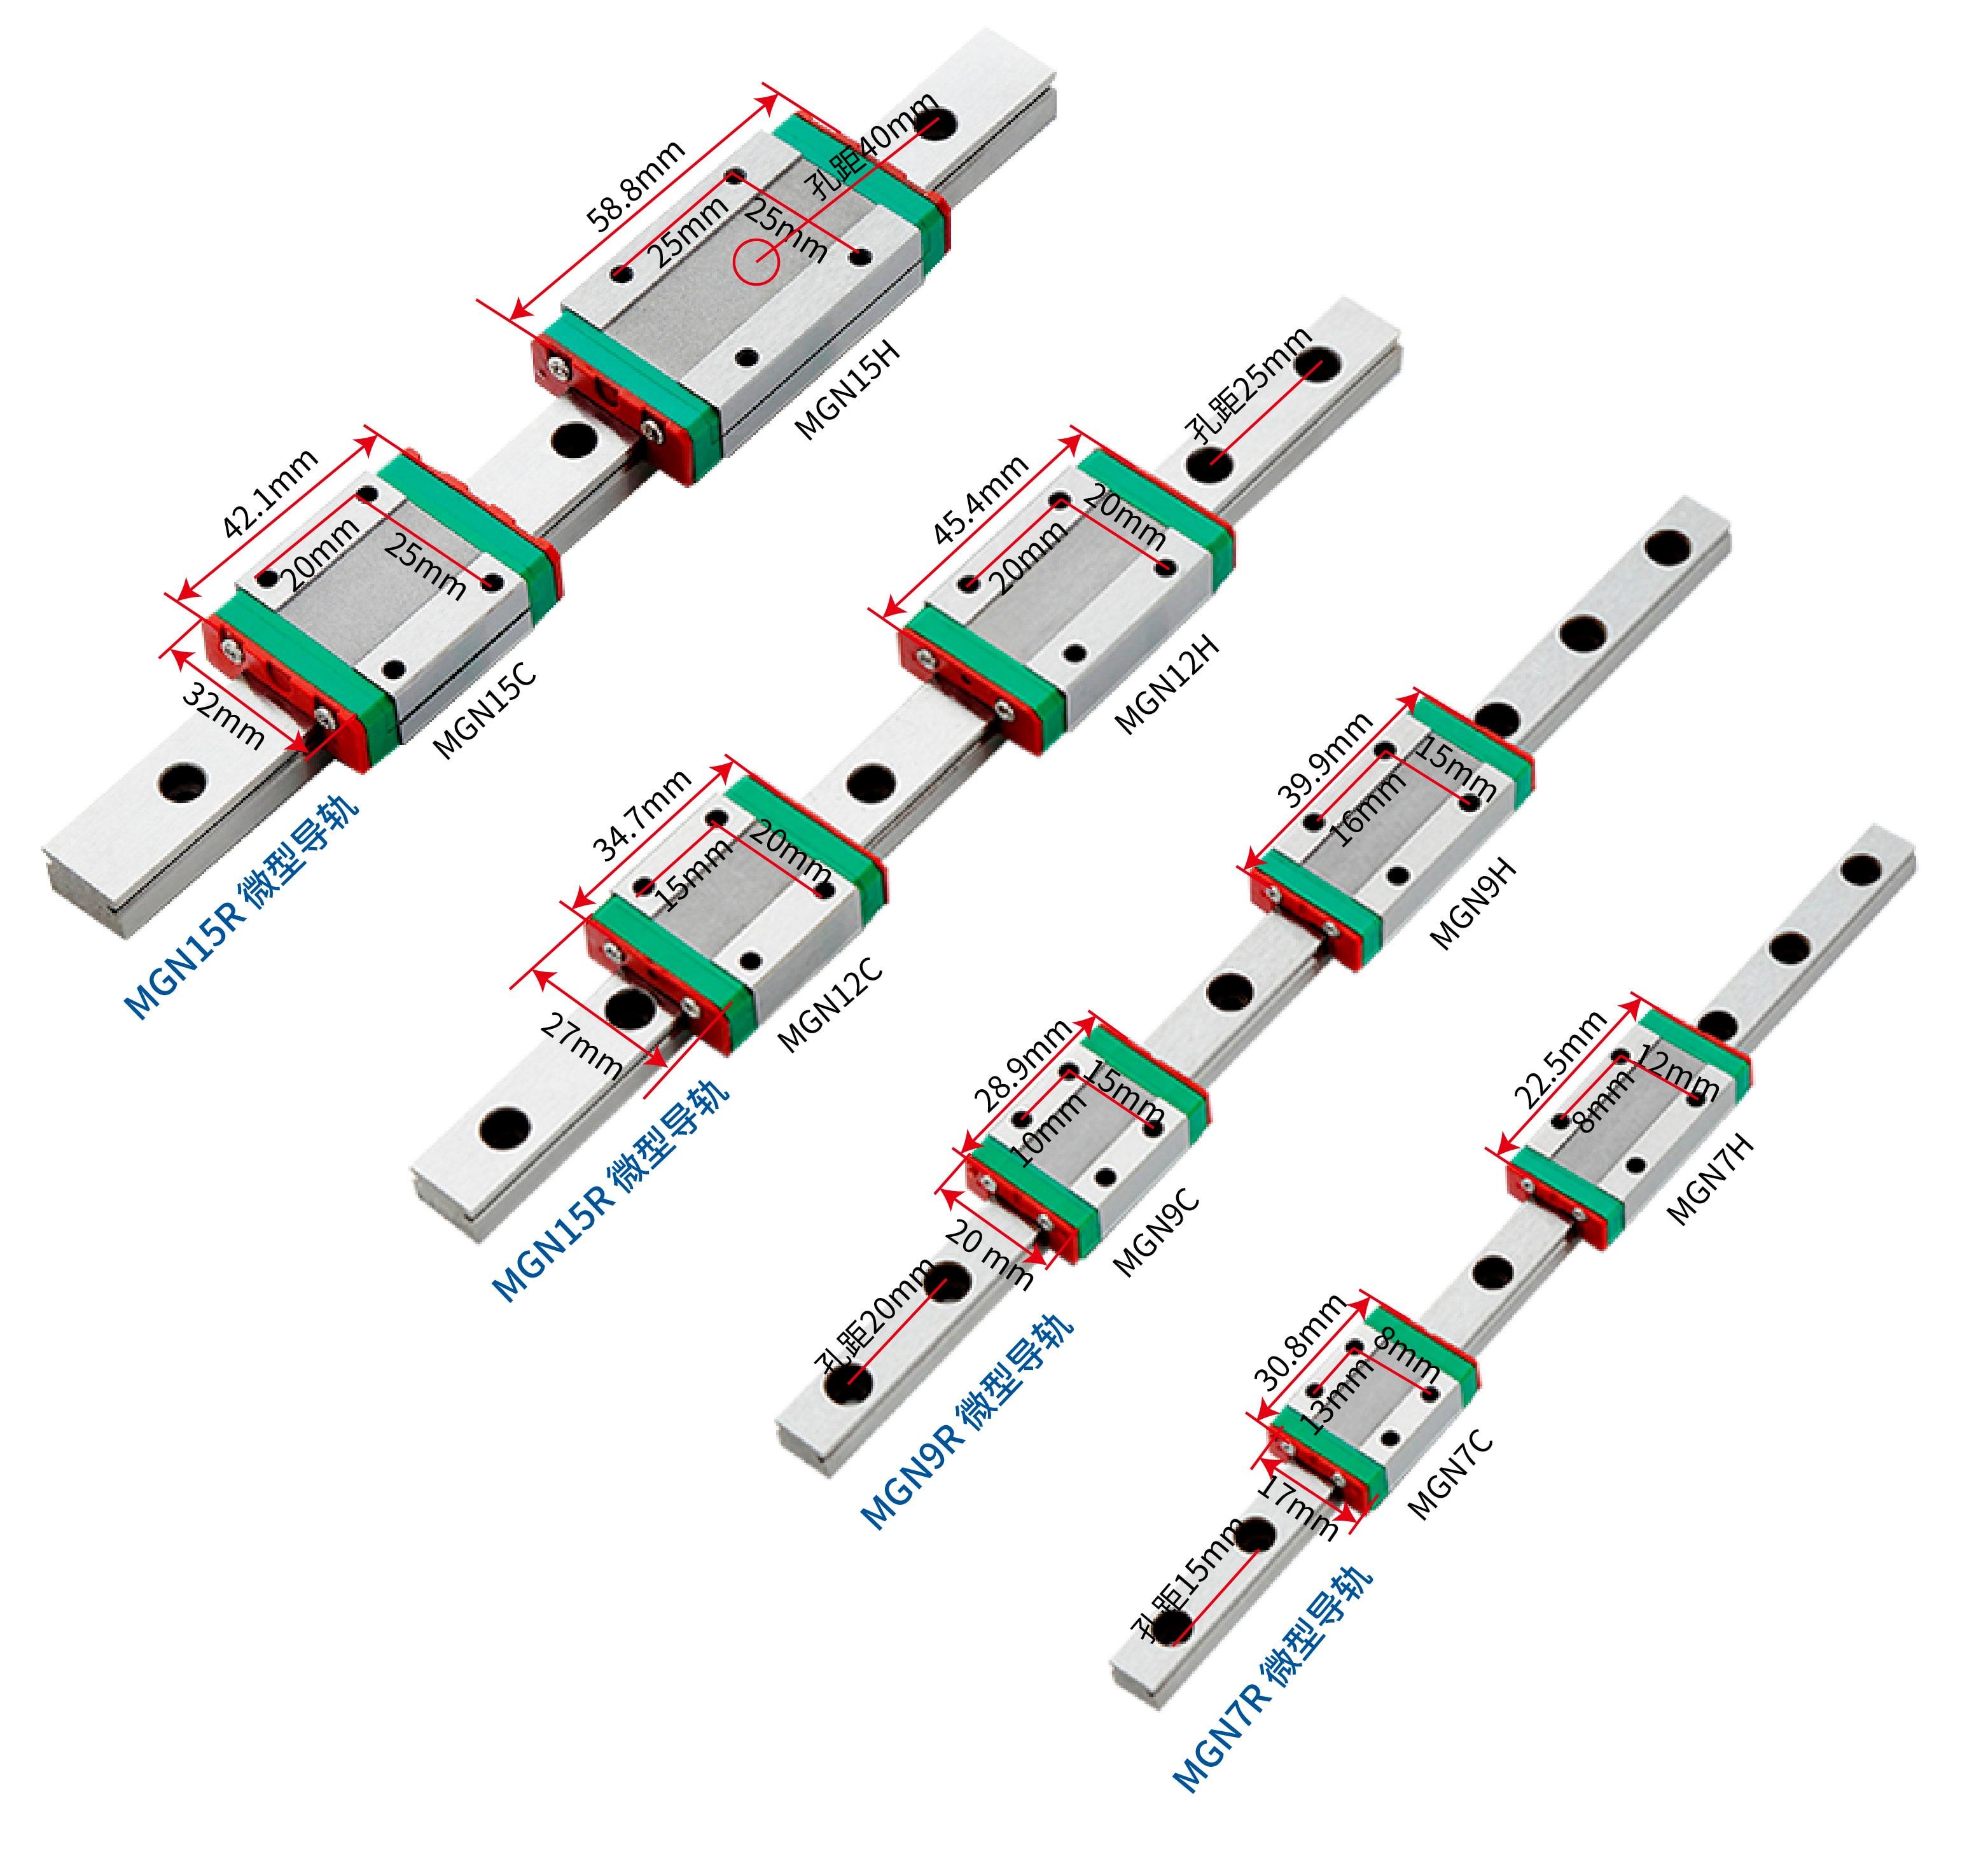 MGN9 MGN12 MGN15 100 200 250 300 350 400 450 500 550 600 700 800 Mm Linear Rail +MGN9H MGN12H MGN15H MGN9C MGN12C MGN15C Block